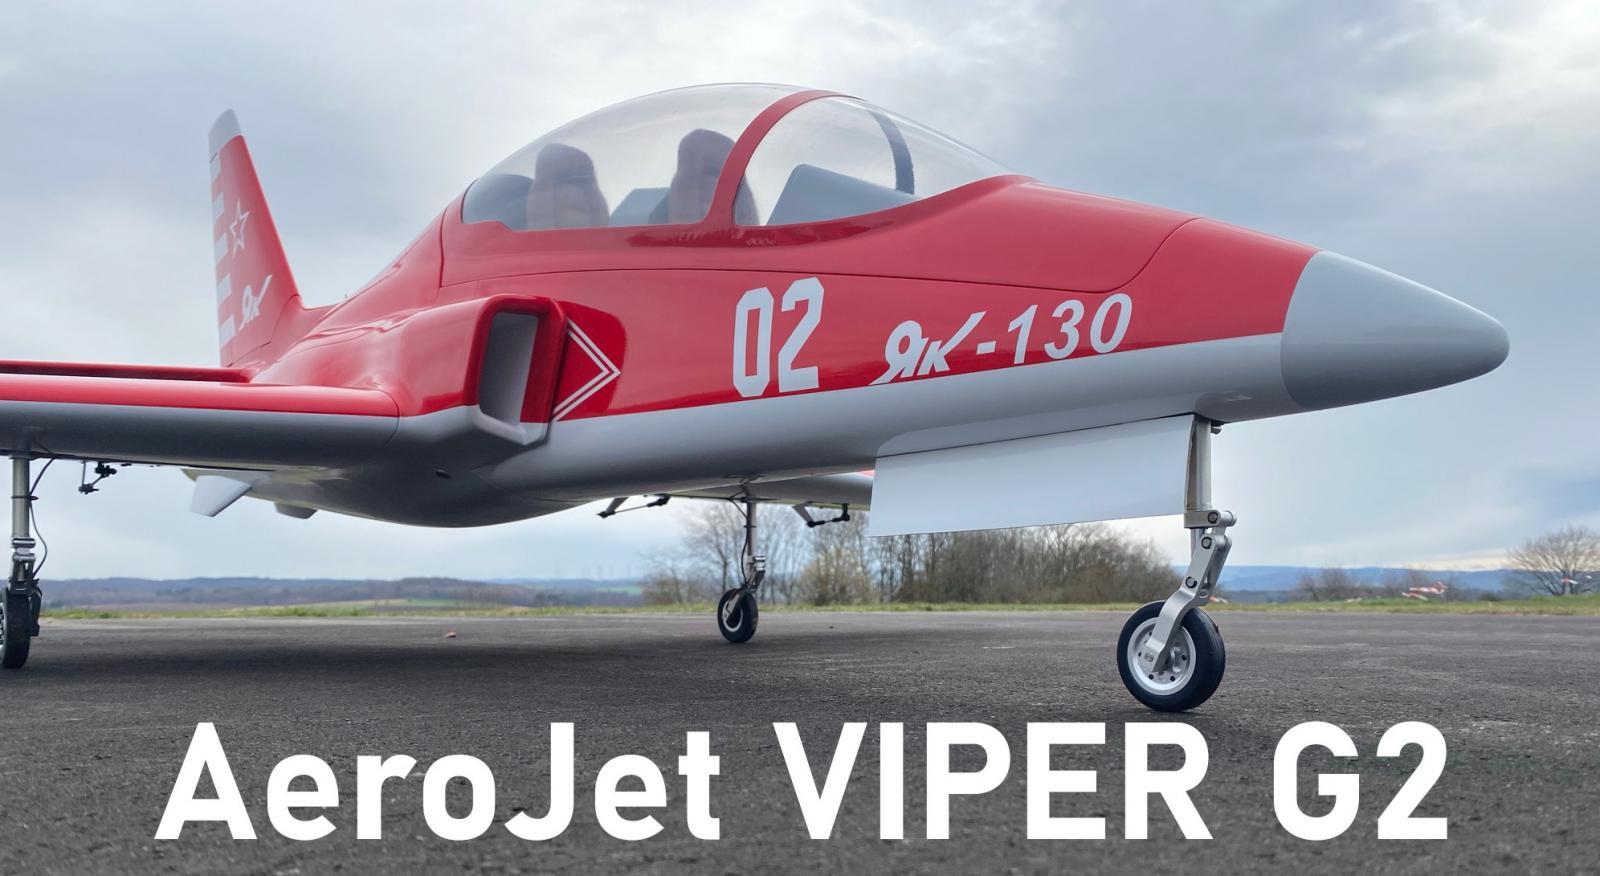 AeroJet VIPER G2